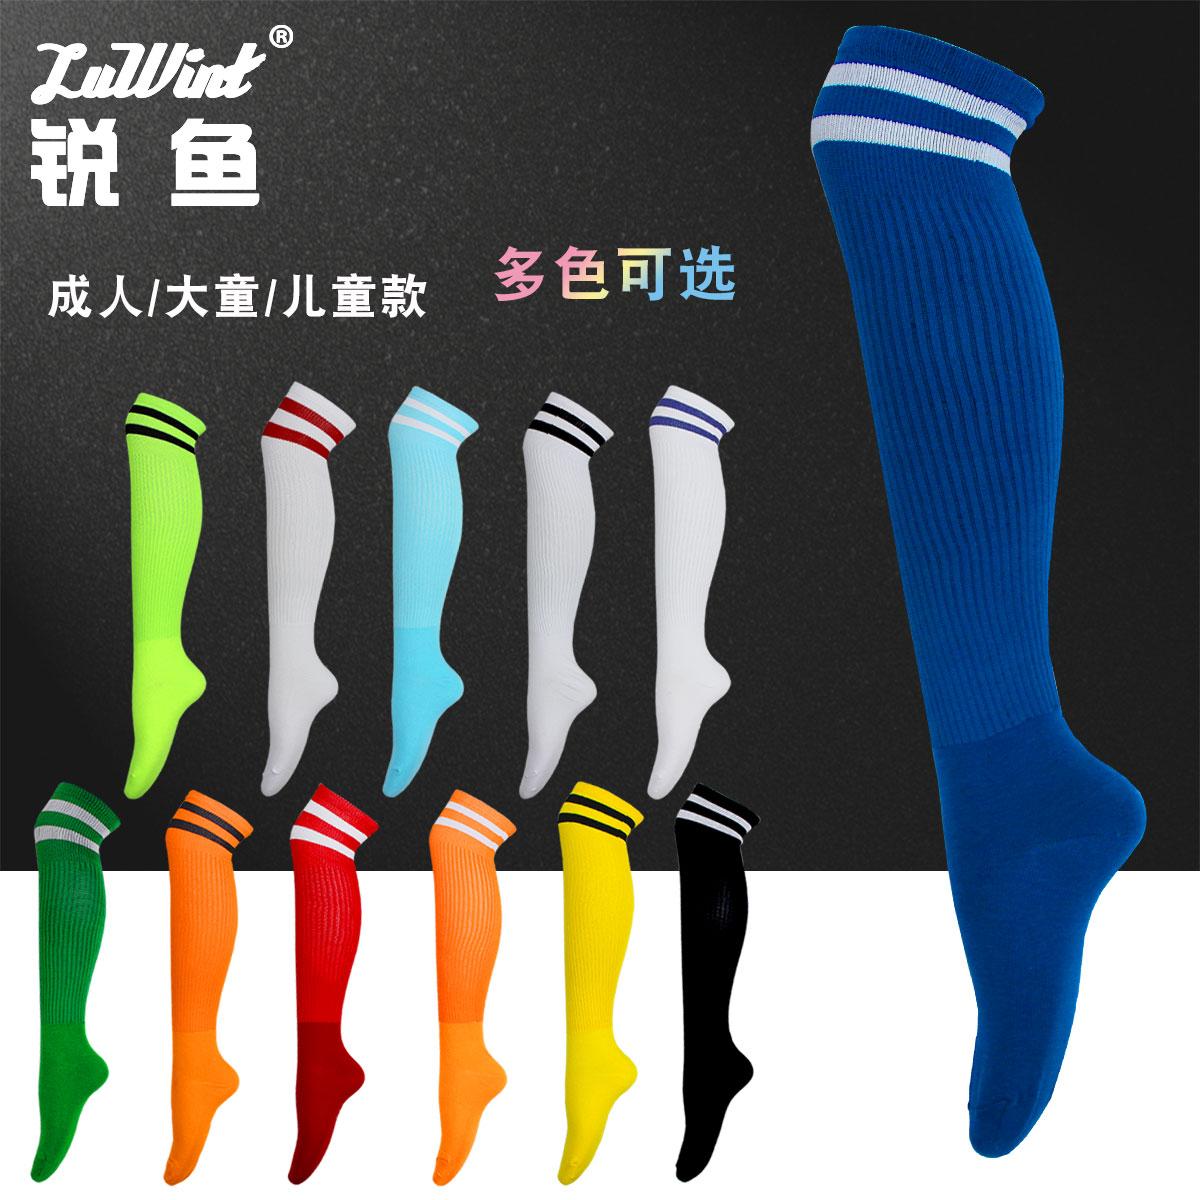 Luwint для взрослых ребенок тонкая модель футбол, носки размер ребенок для взрослых носки чулки движение носки